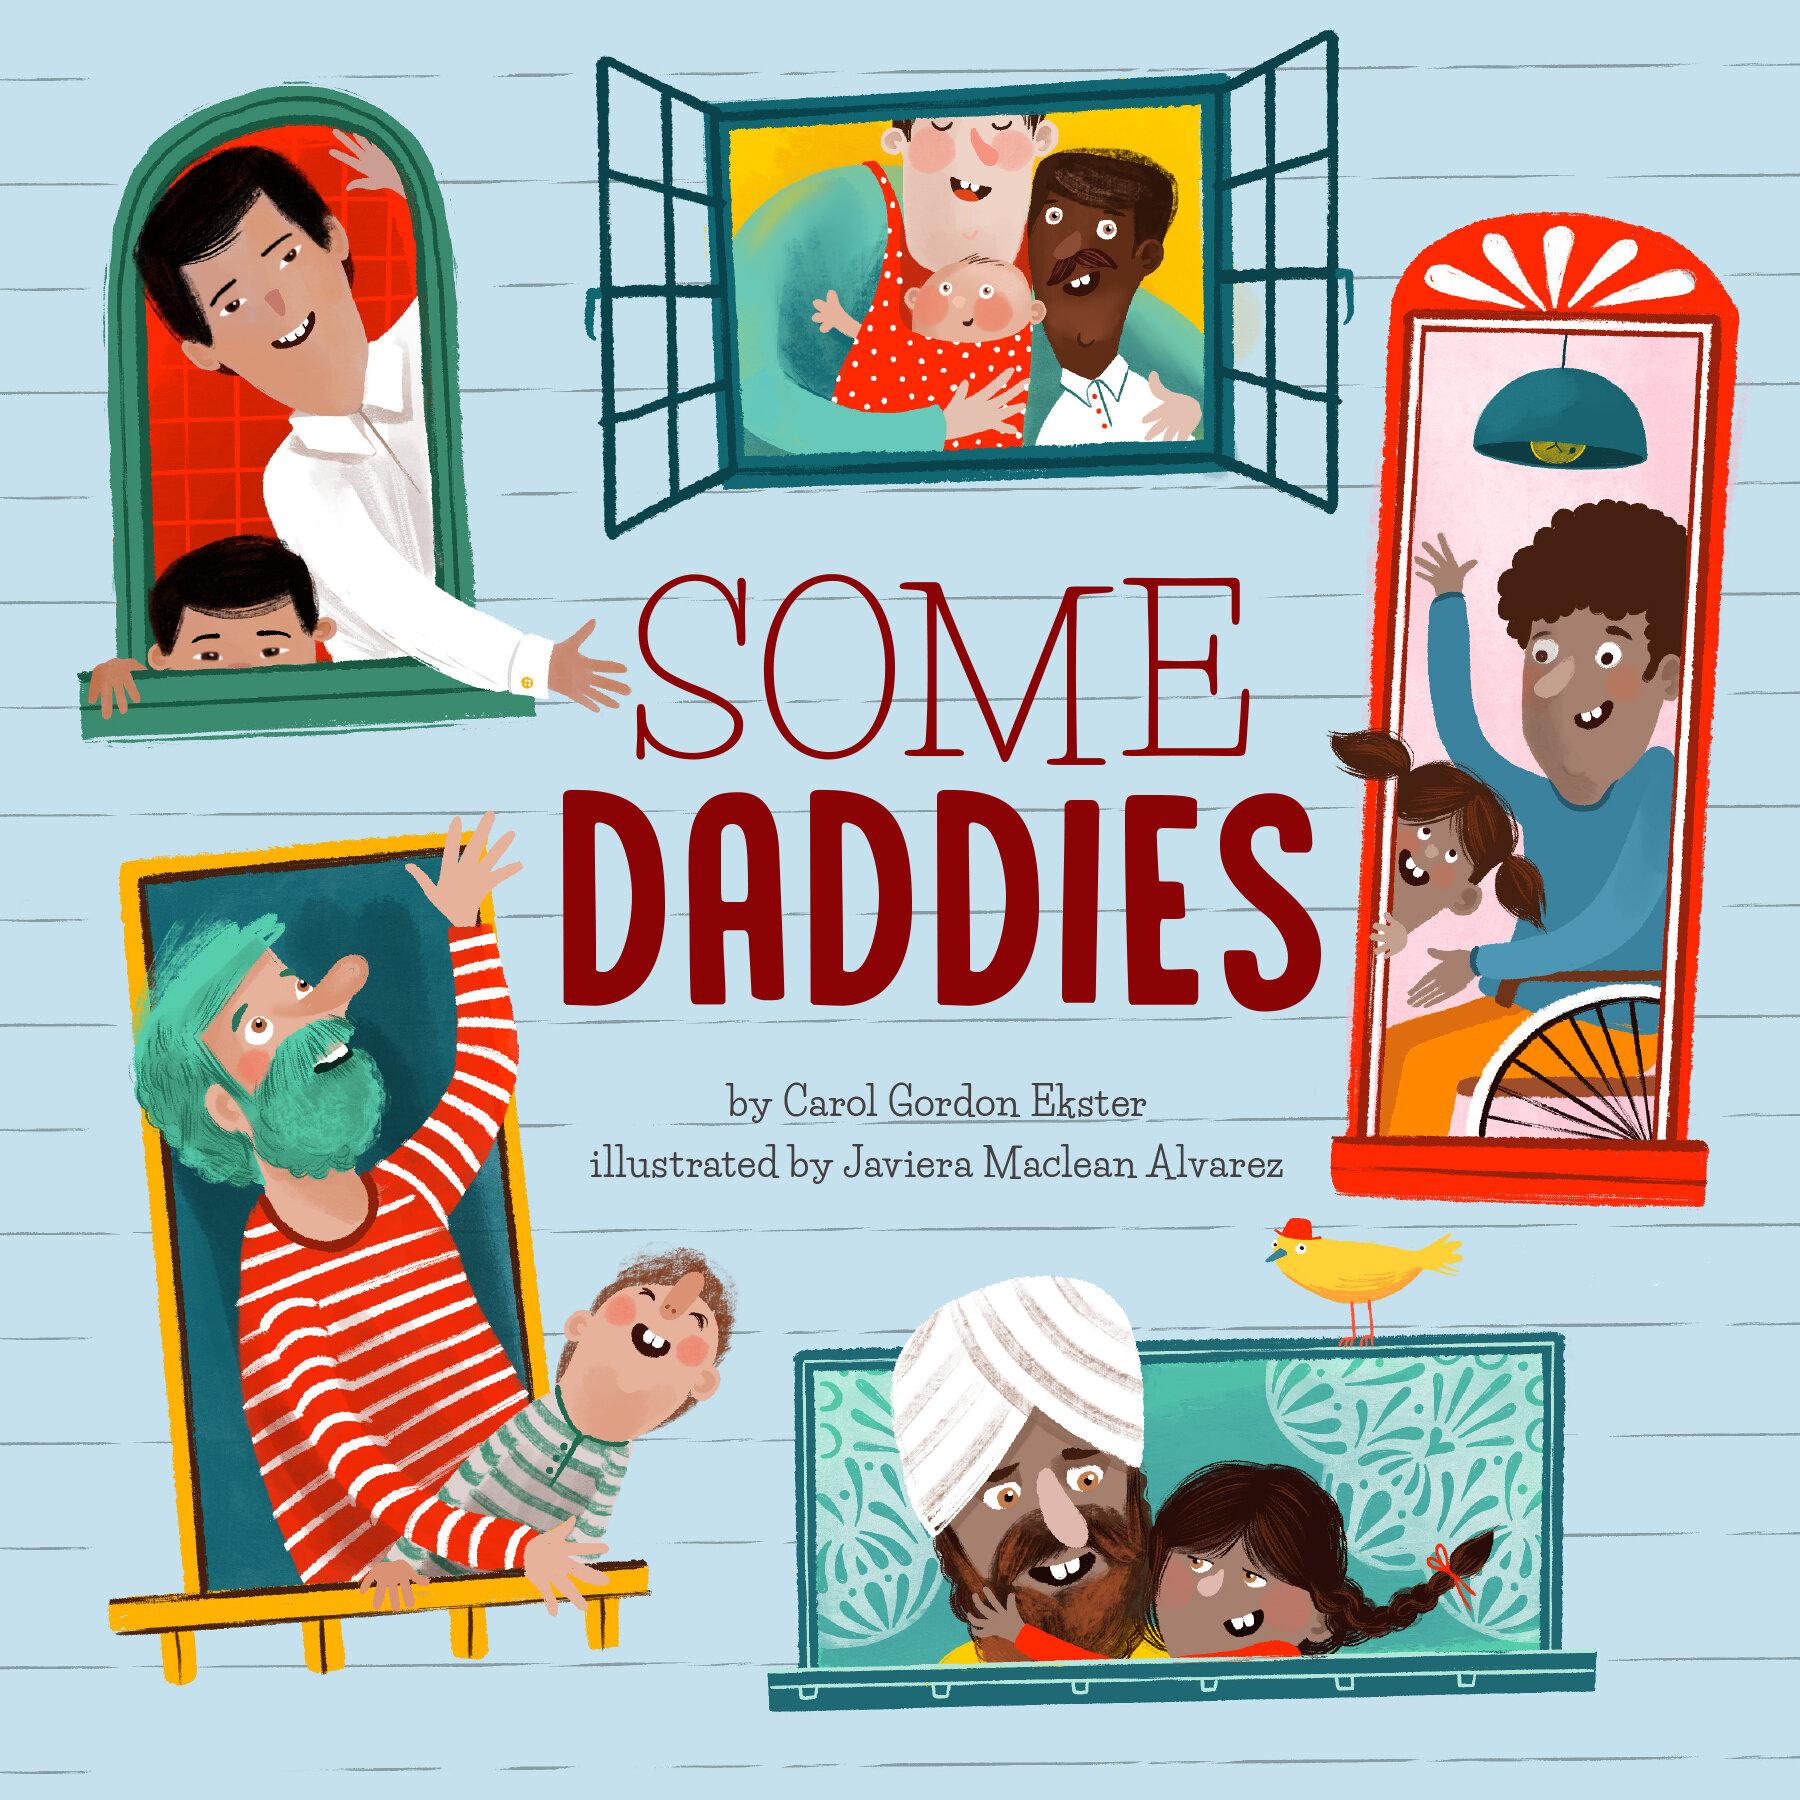 Some Daddies